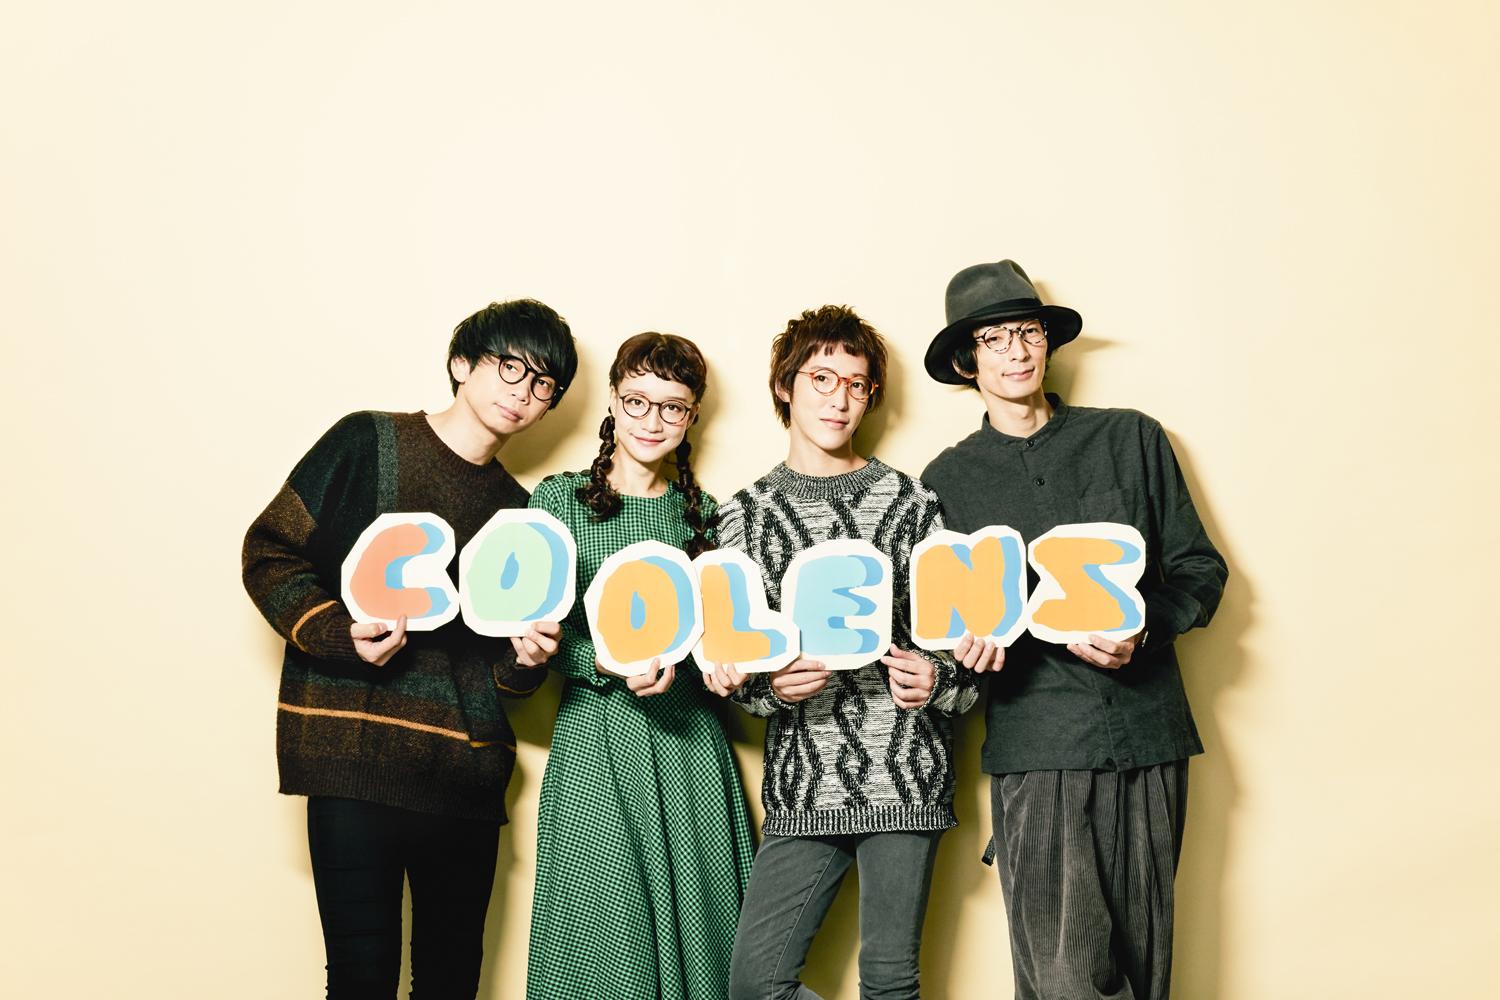 COOLENS